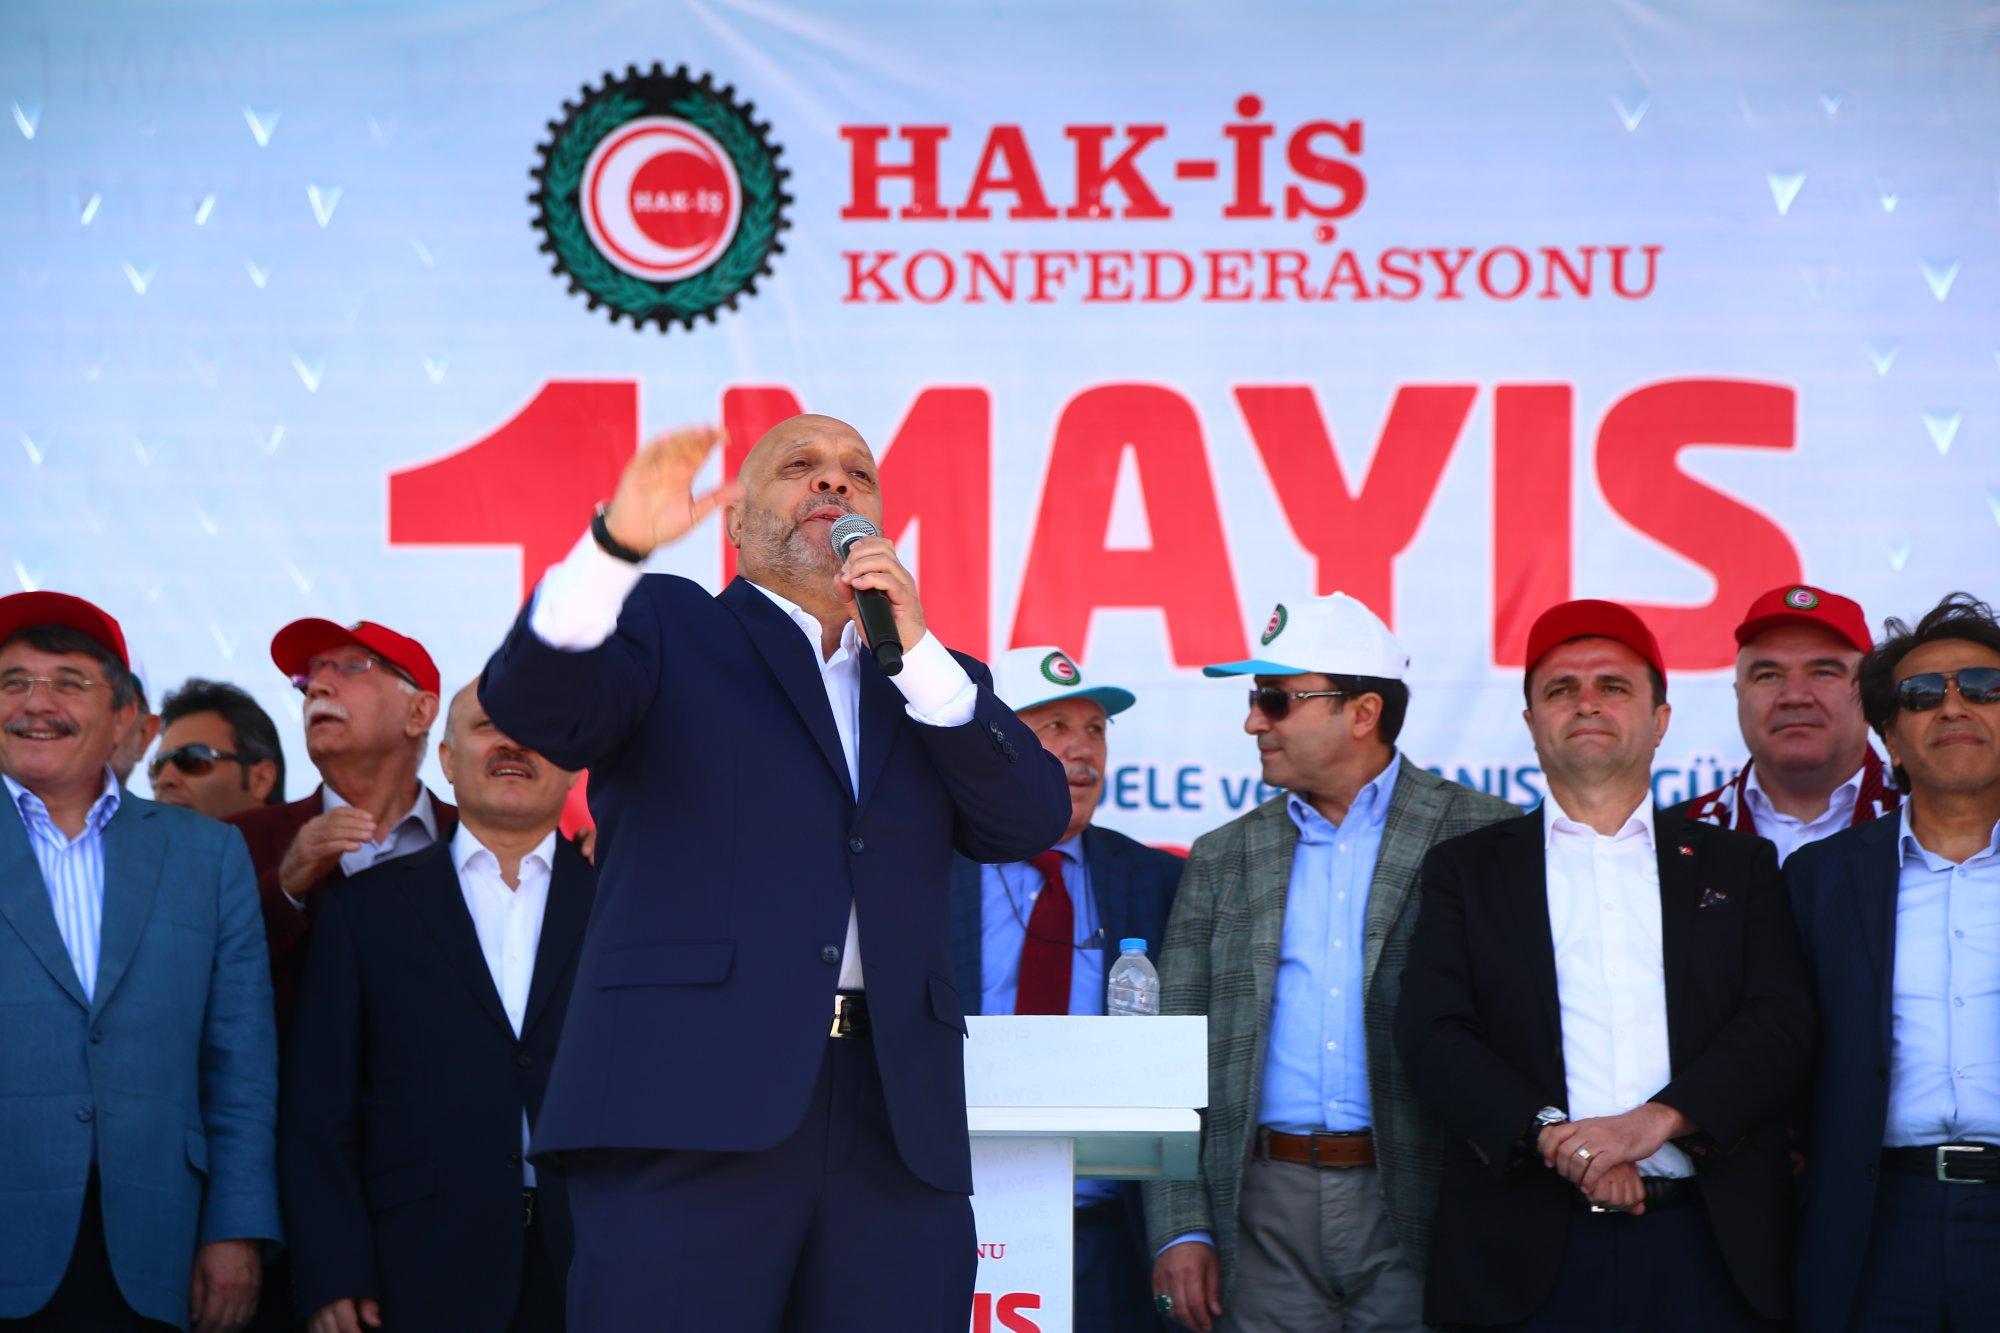 HAK-İŞ'TEN DADAŞLAR DİYARI ERZURUM'DA GÖRKEMLİ 1 MAYIS